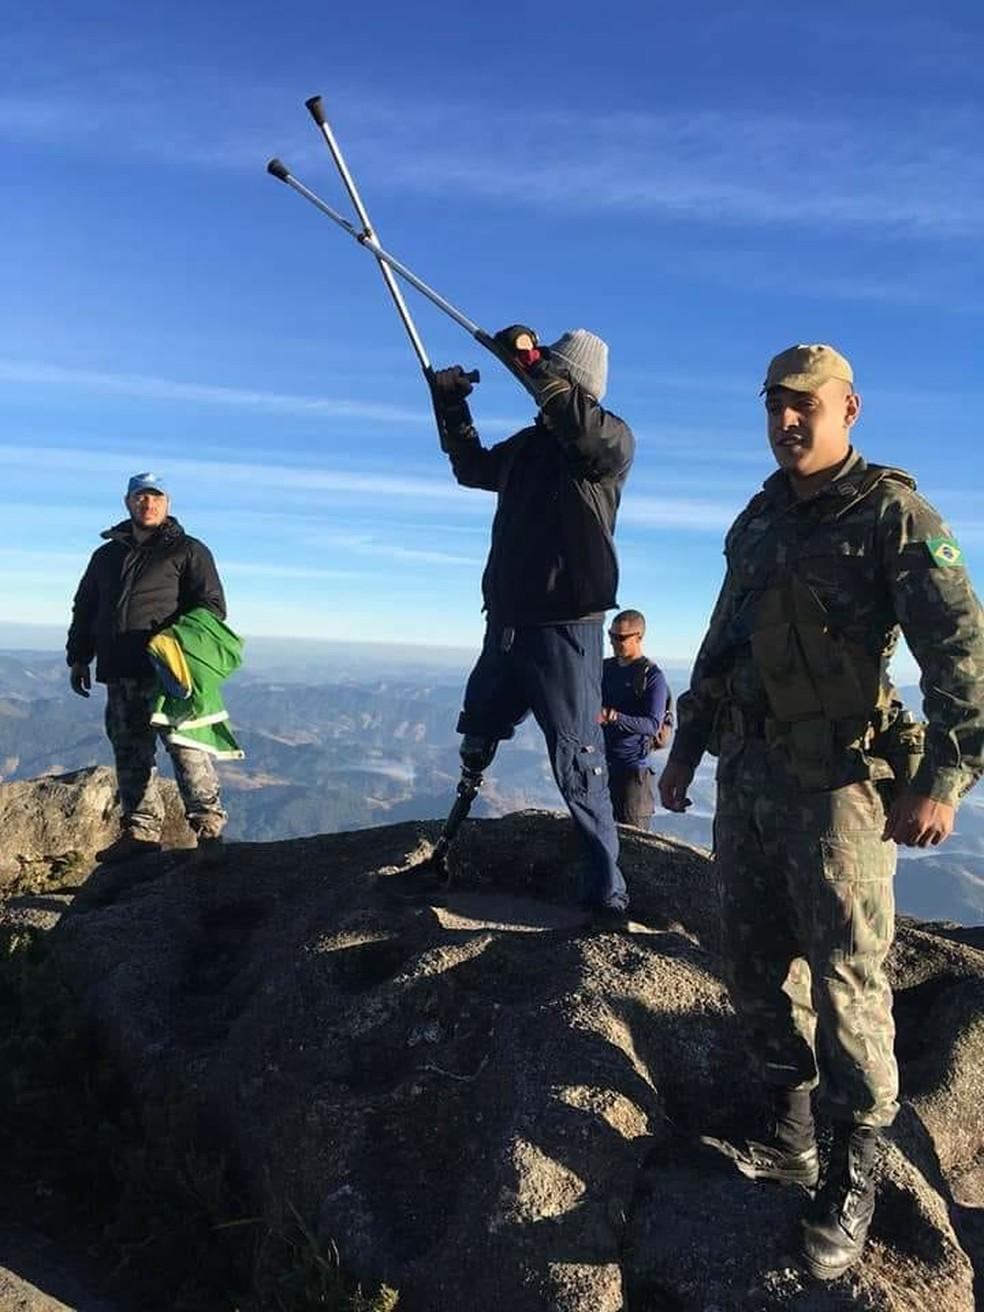 Denilson comemorou ao vencer os desafios e chegar ao topo do Pico dos Marins (Foto: Arquivo Pessoal)